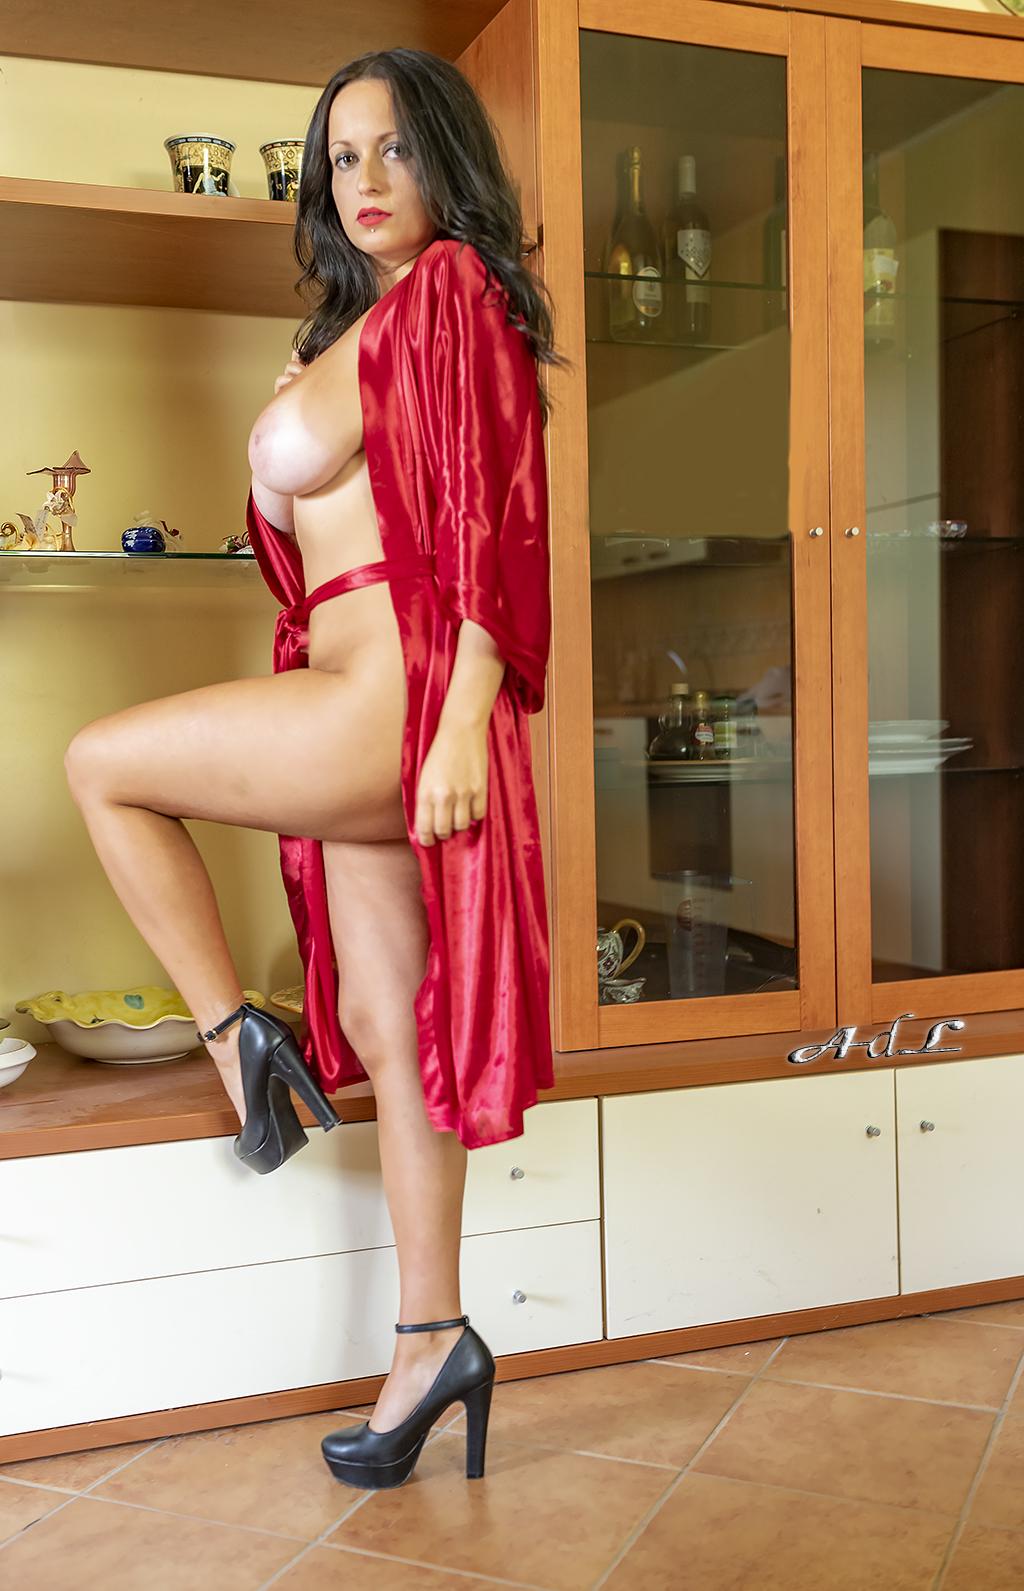 2018 - Vanessa